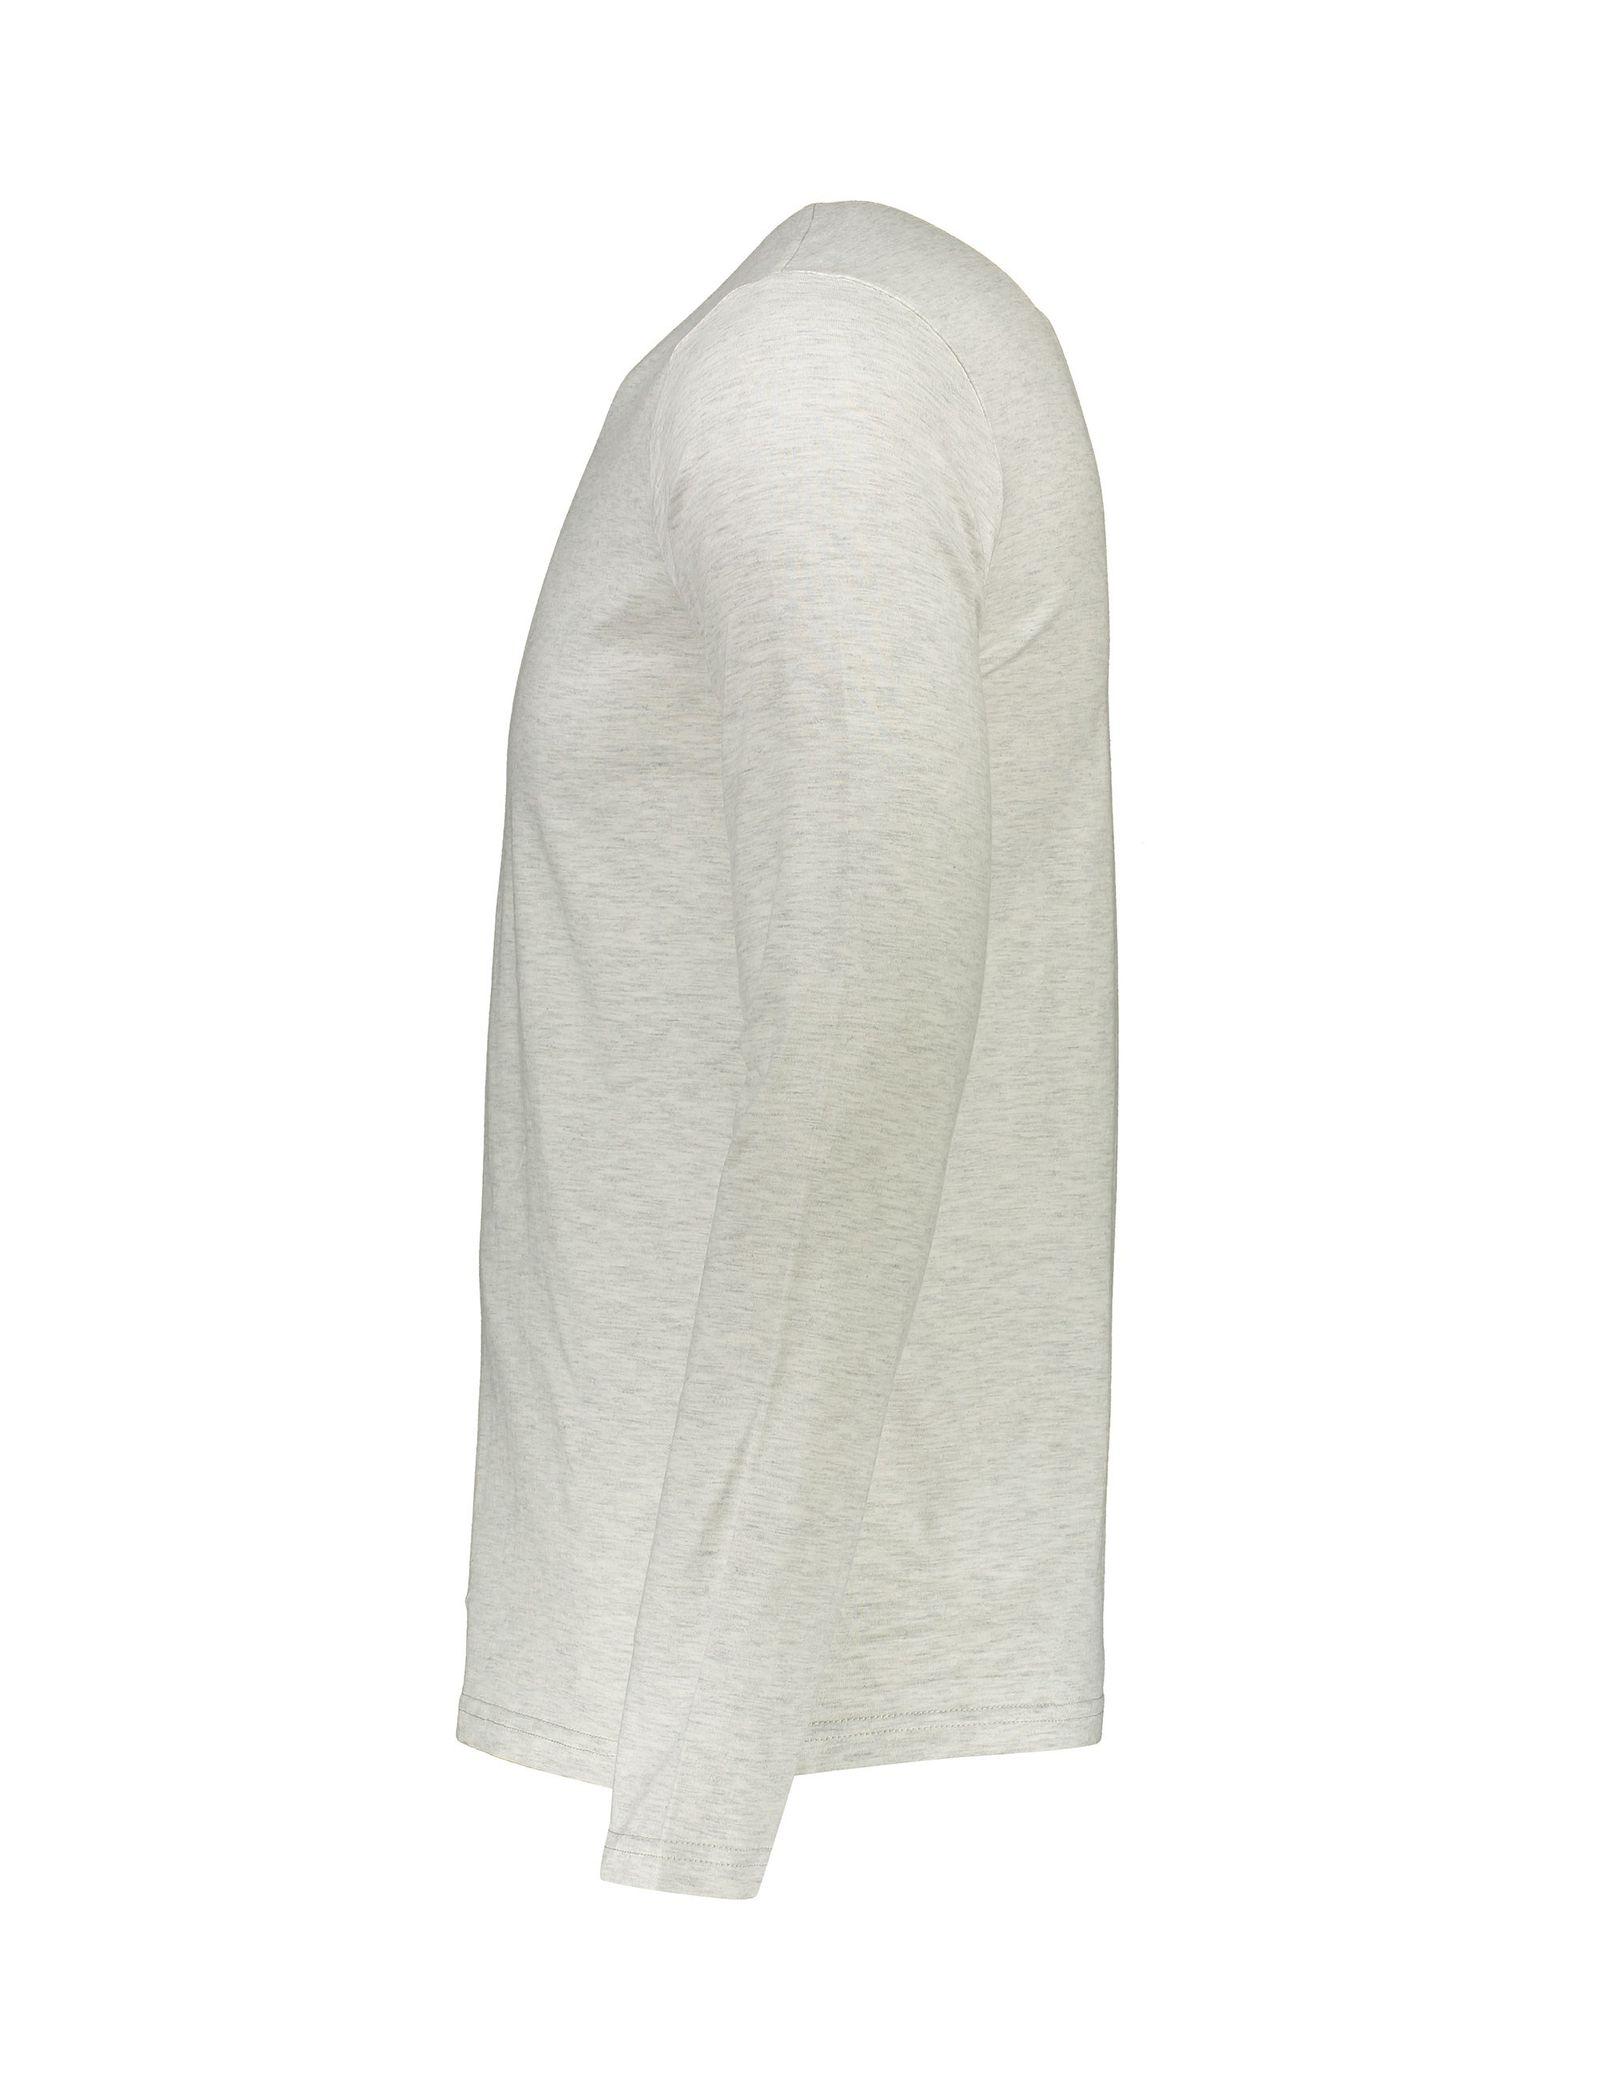 تی شرت نخی یقه هفت مردانه - یوپیم - طوسي - 3